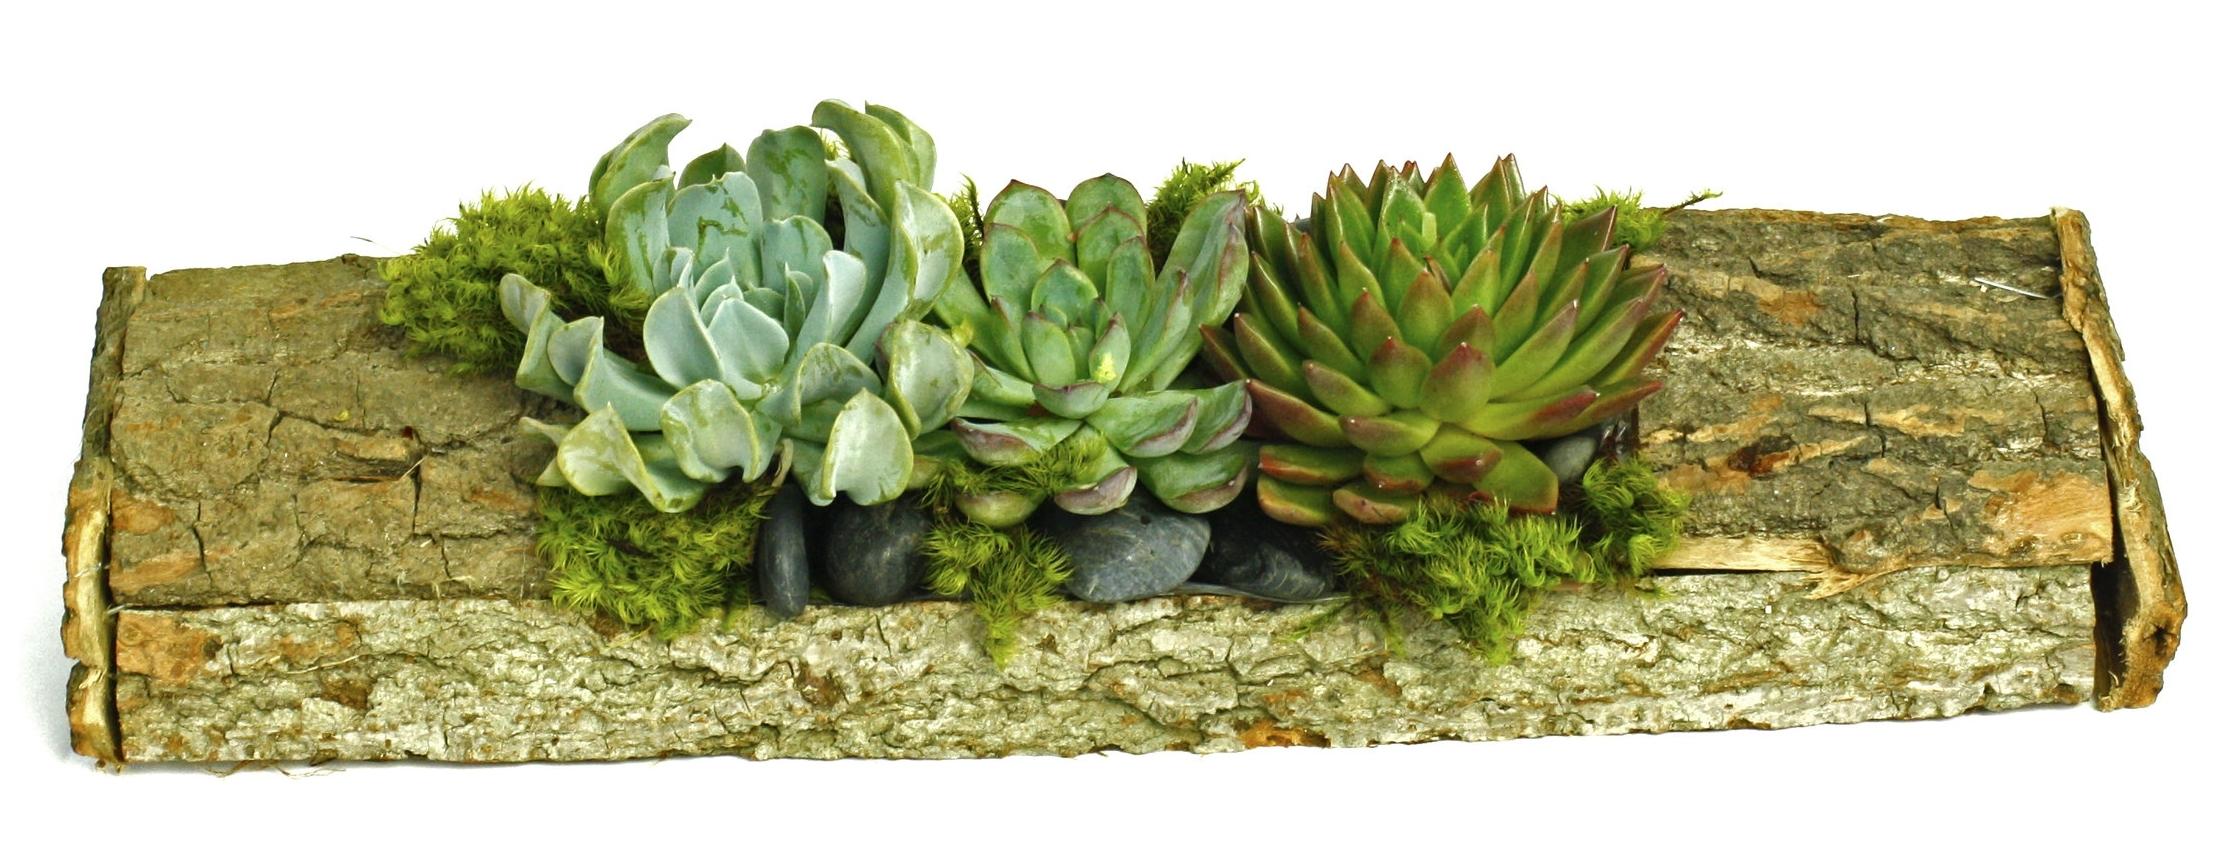 Succulent Woodland $50-$100 -